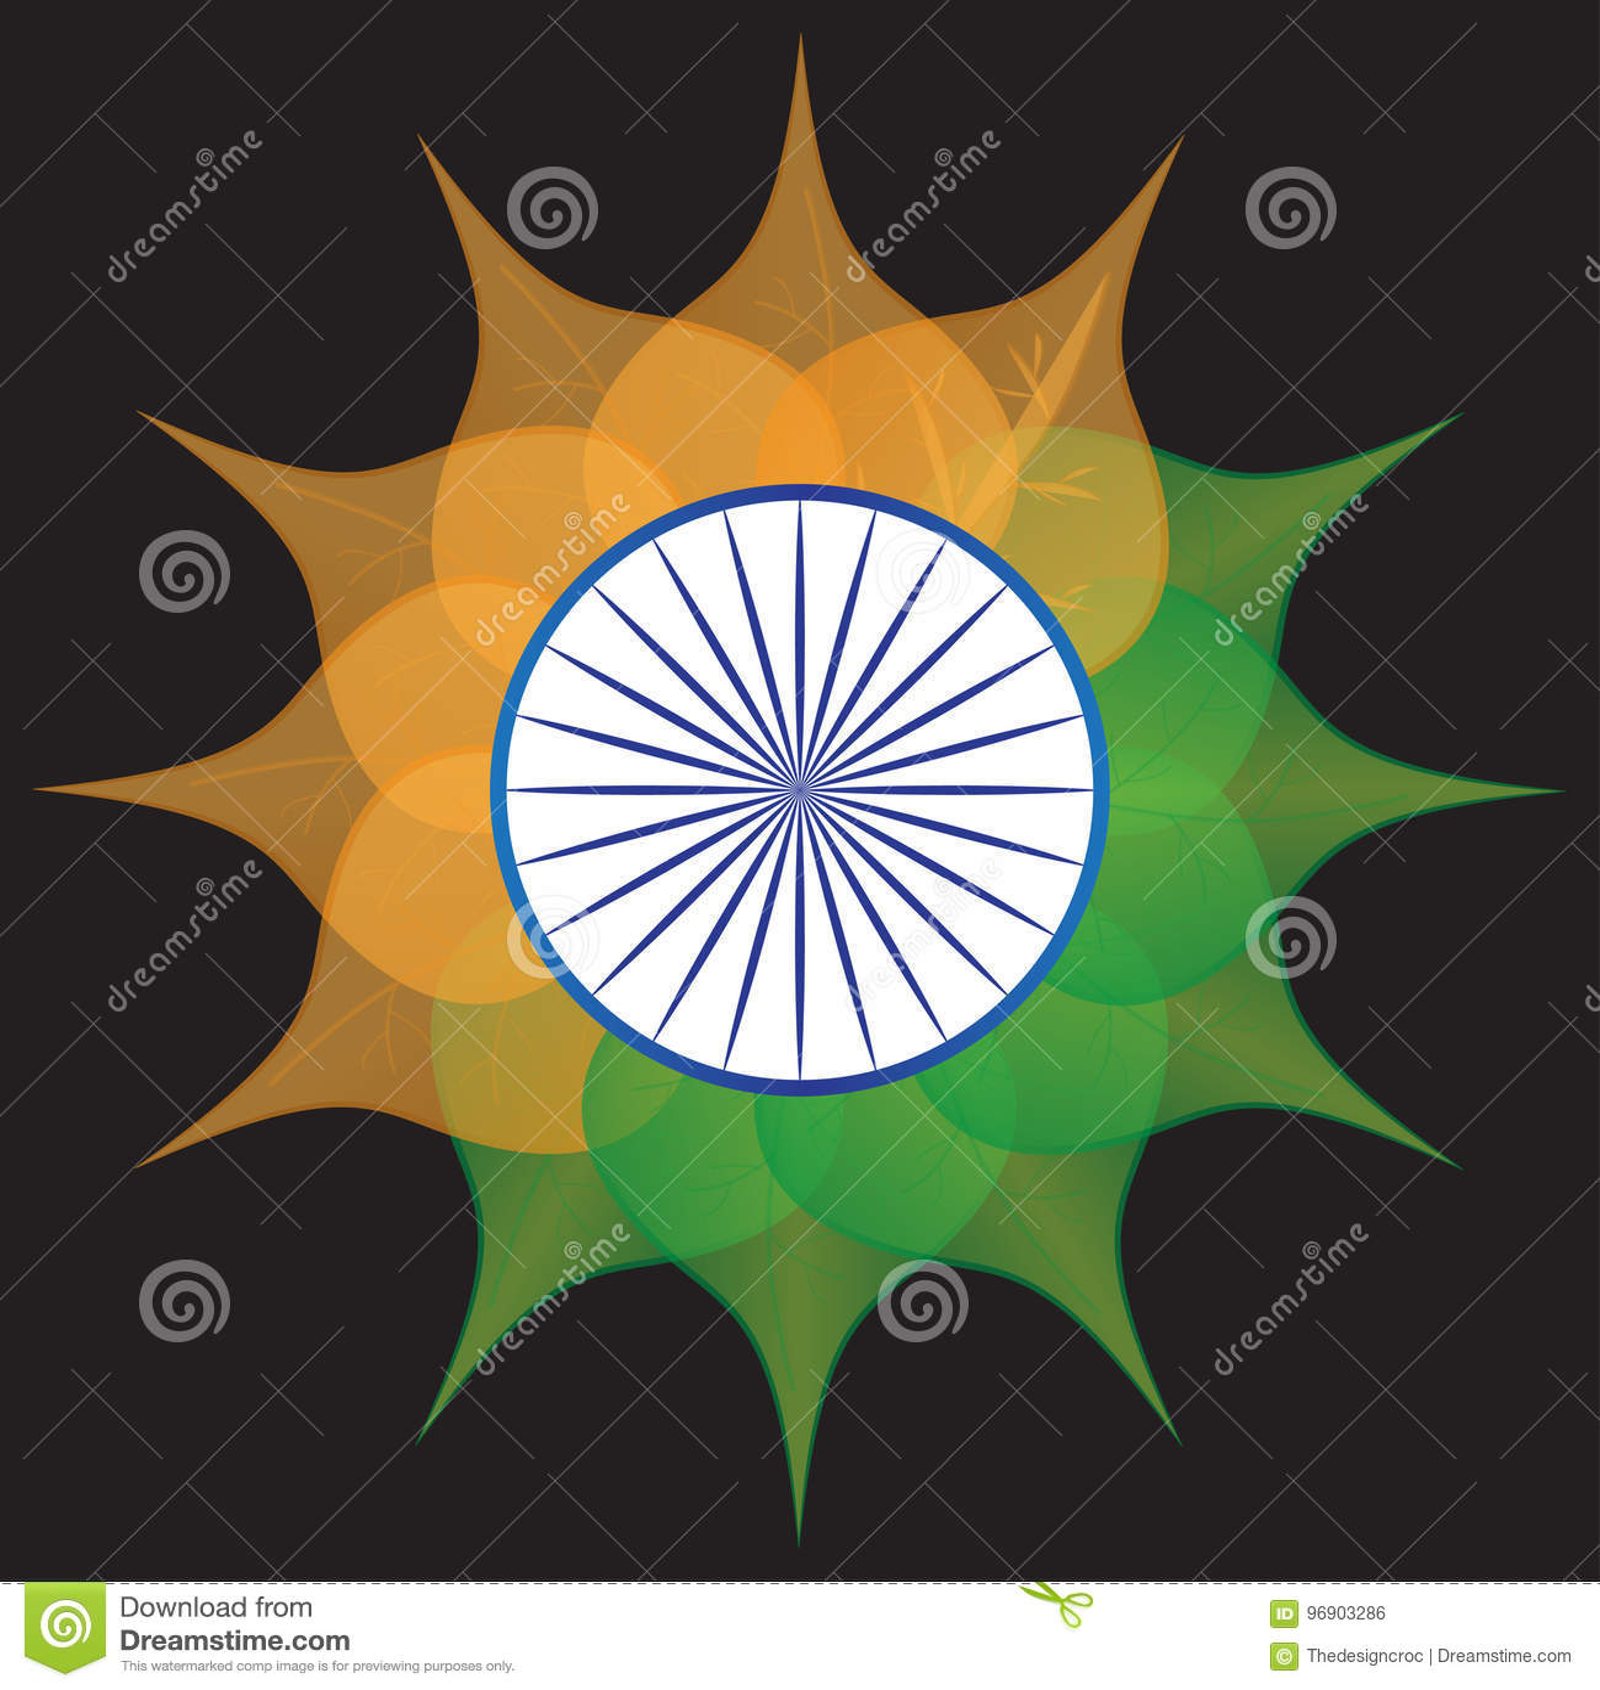 India flag stylized flower orange saffron white green blue chakra download india flag stylized flower orange saffron white green blue chakra stock vector illustration of mightylinksfo